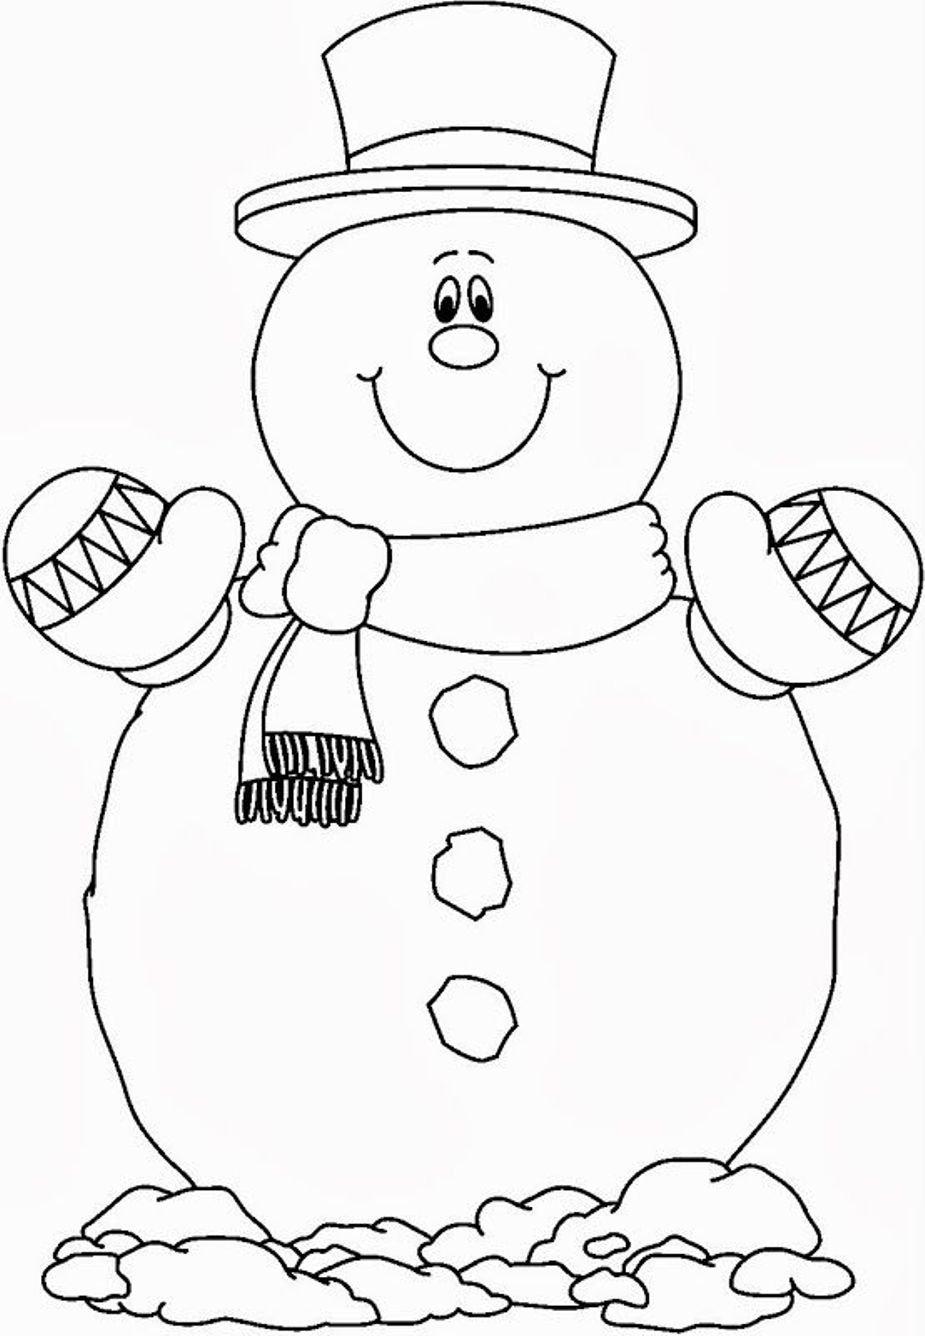 Картинки снеговика раскраска